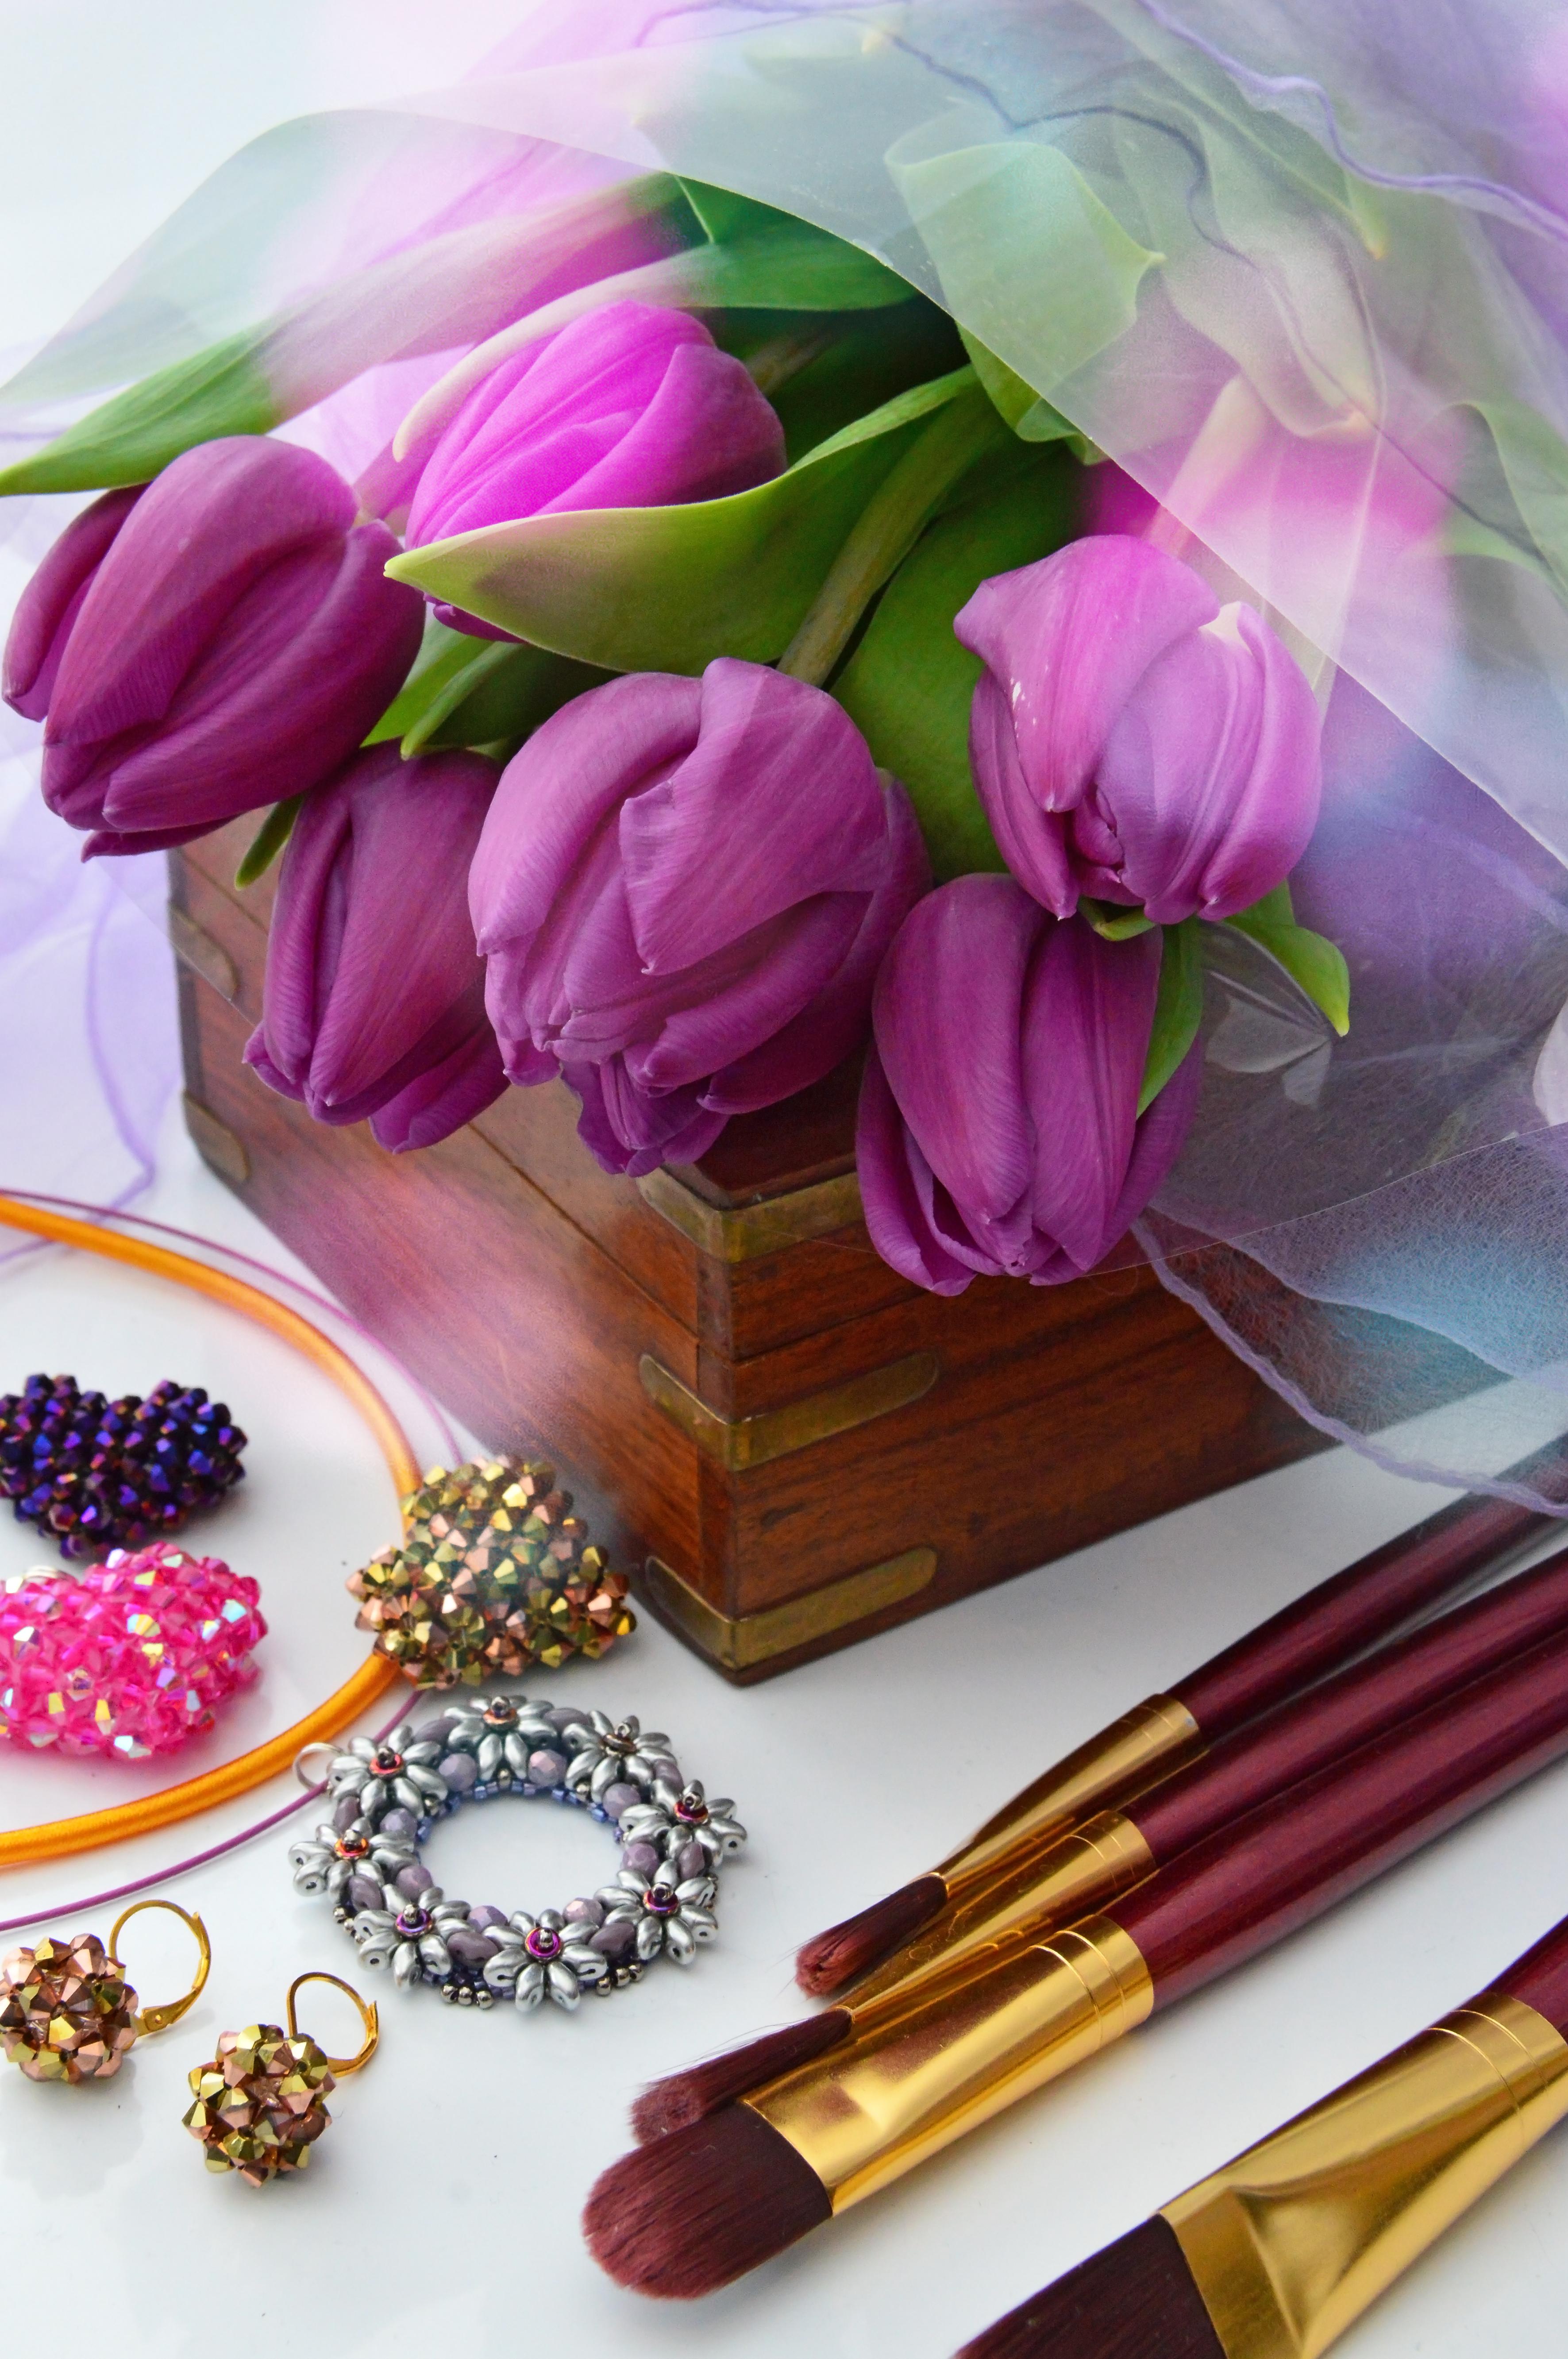 Images Gratuites Tulipes Violet Contexte Fleur La Nature Noir